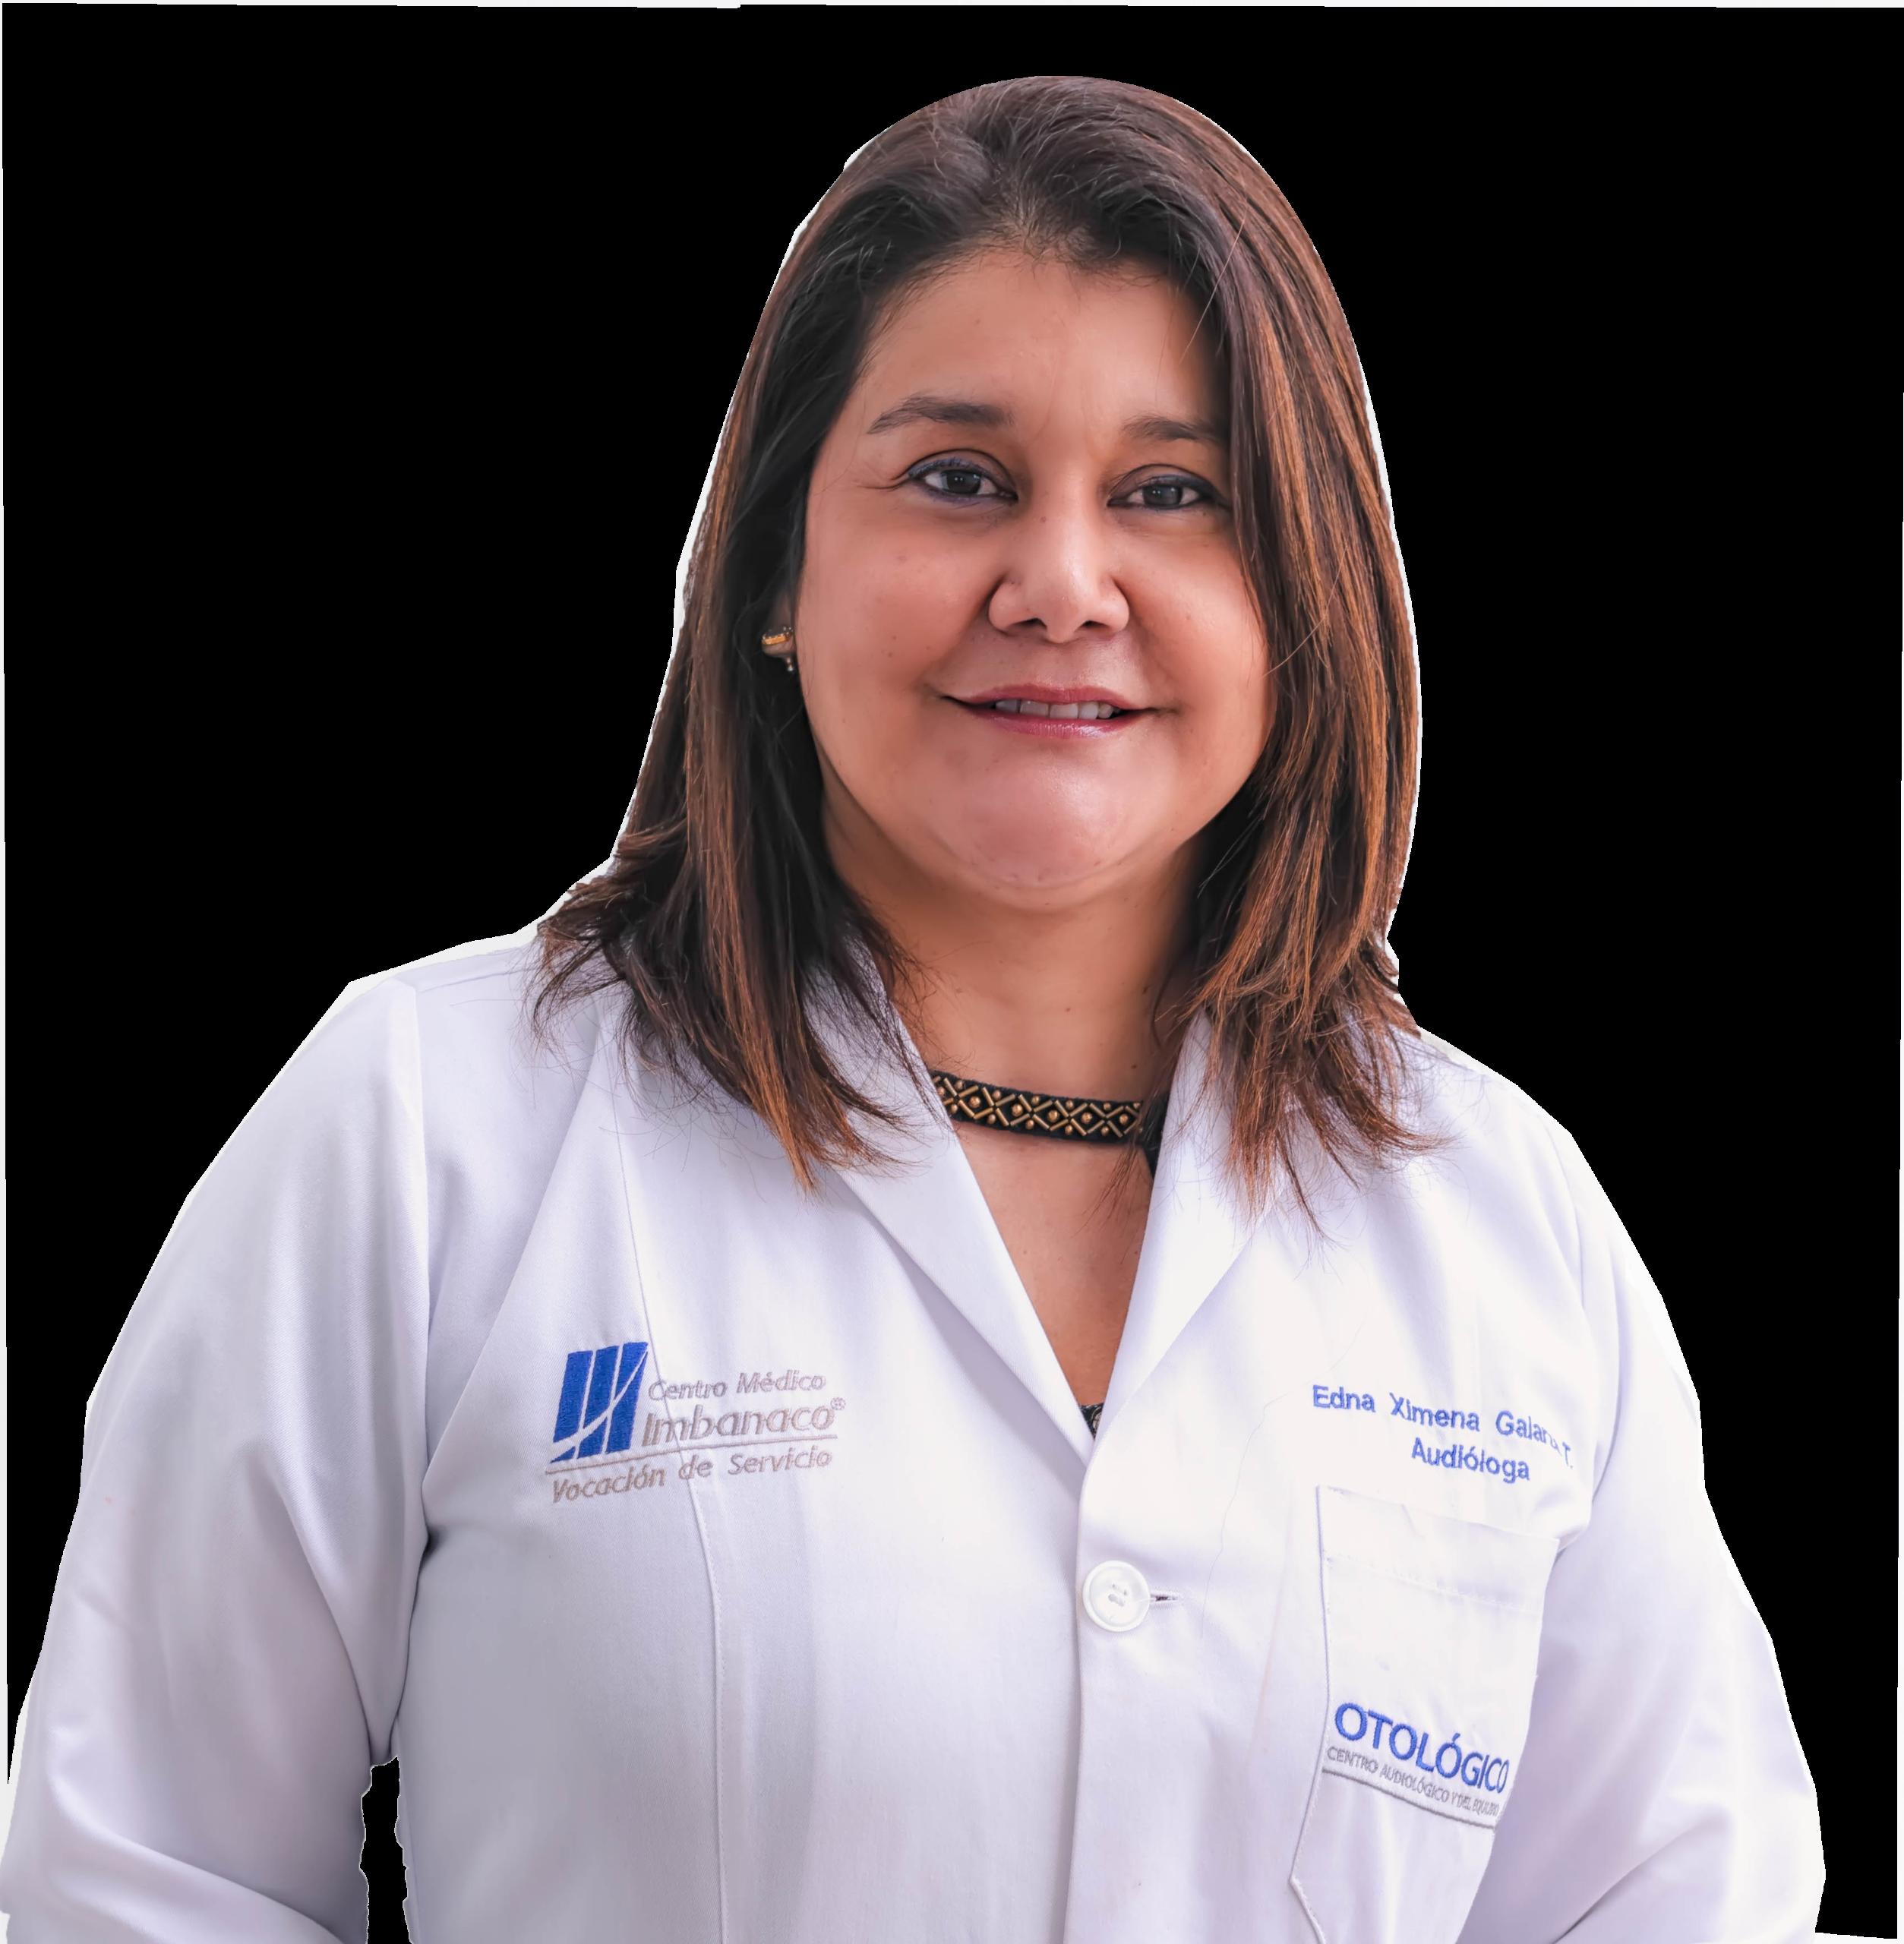 Audiologa Edna Ximena Galarza Tamayo